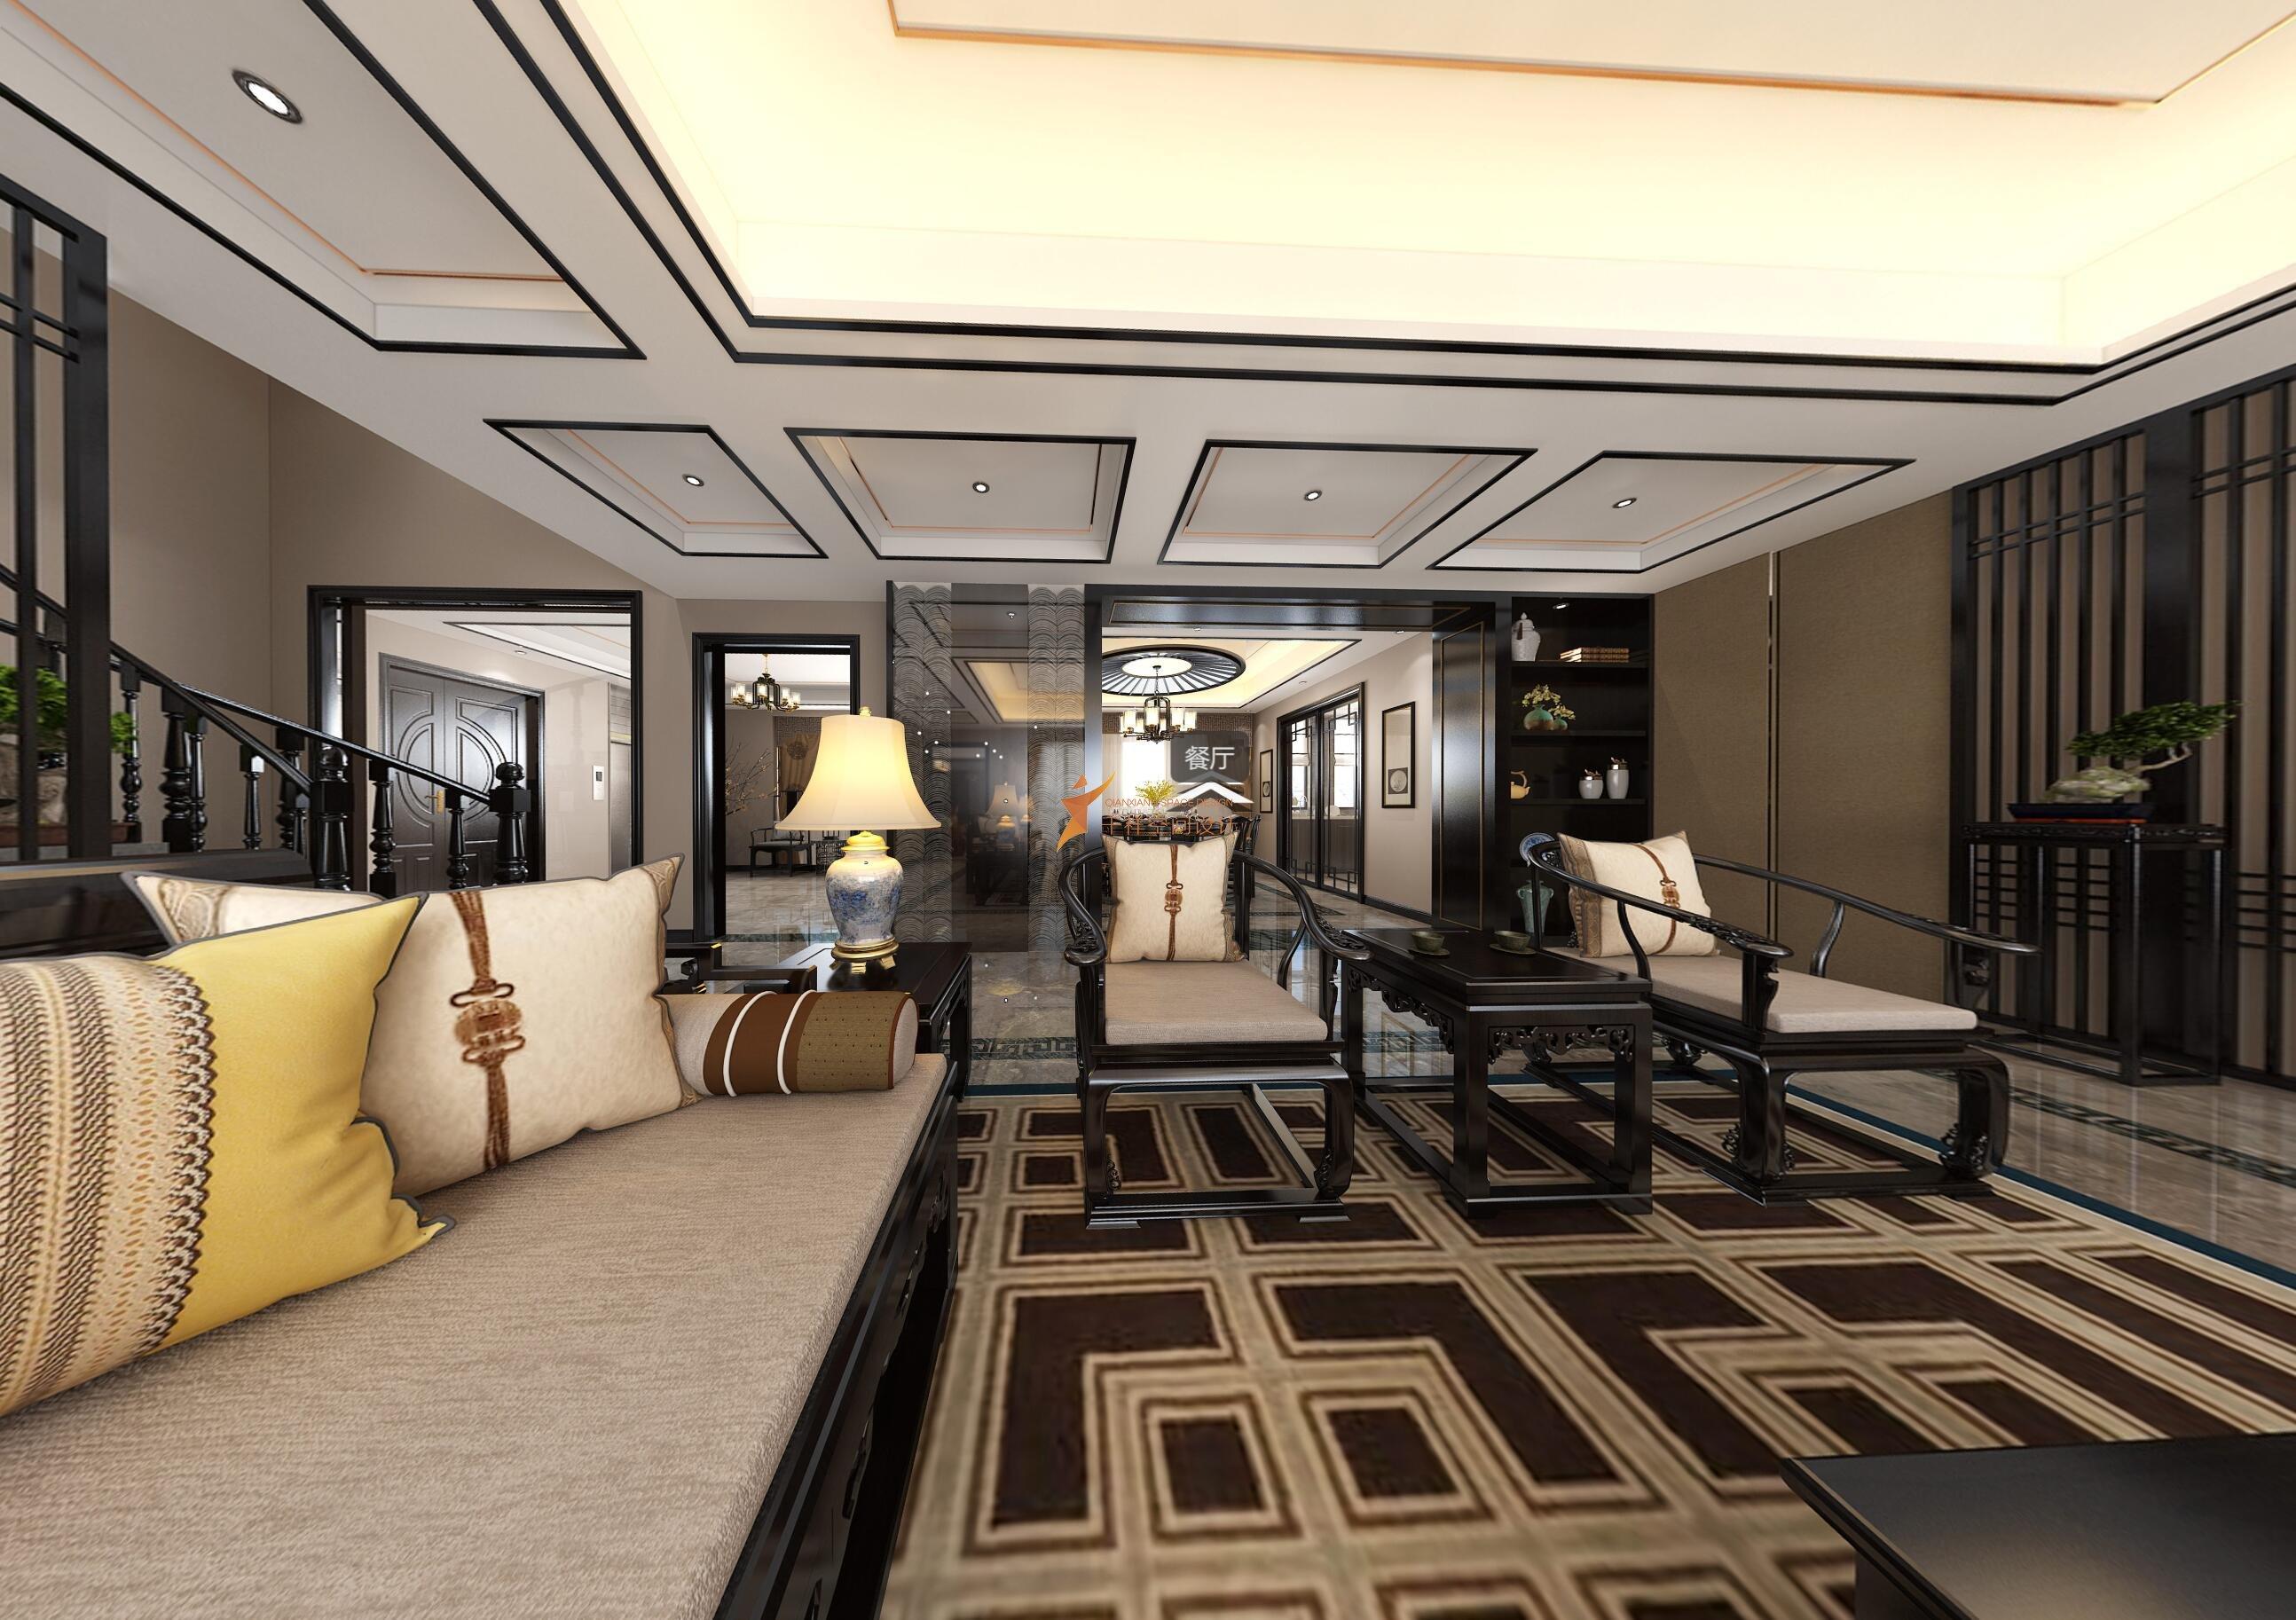 宝山区罗店镇美安路新中式风格别墅设计-宝山区新中式别墅设计-会客室局部设计效果图